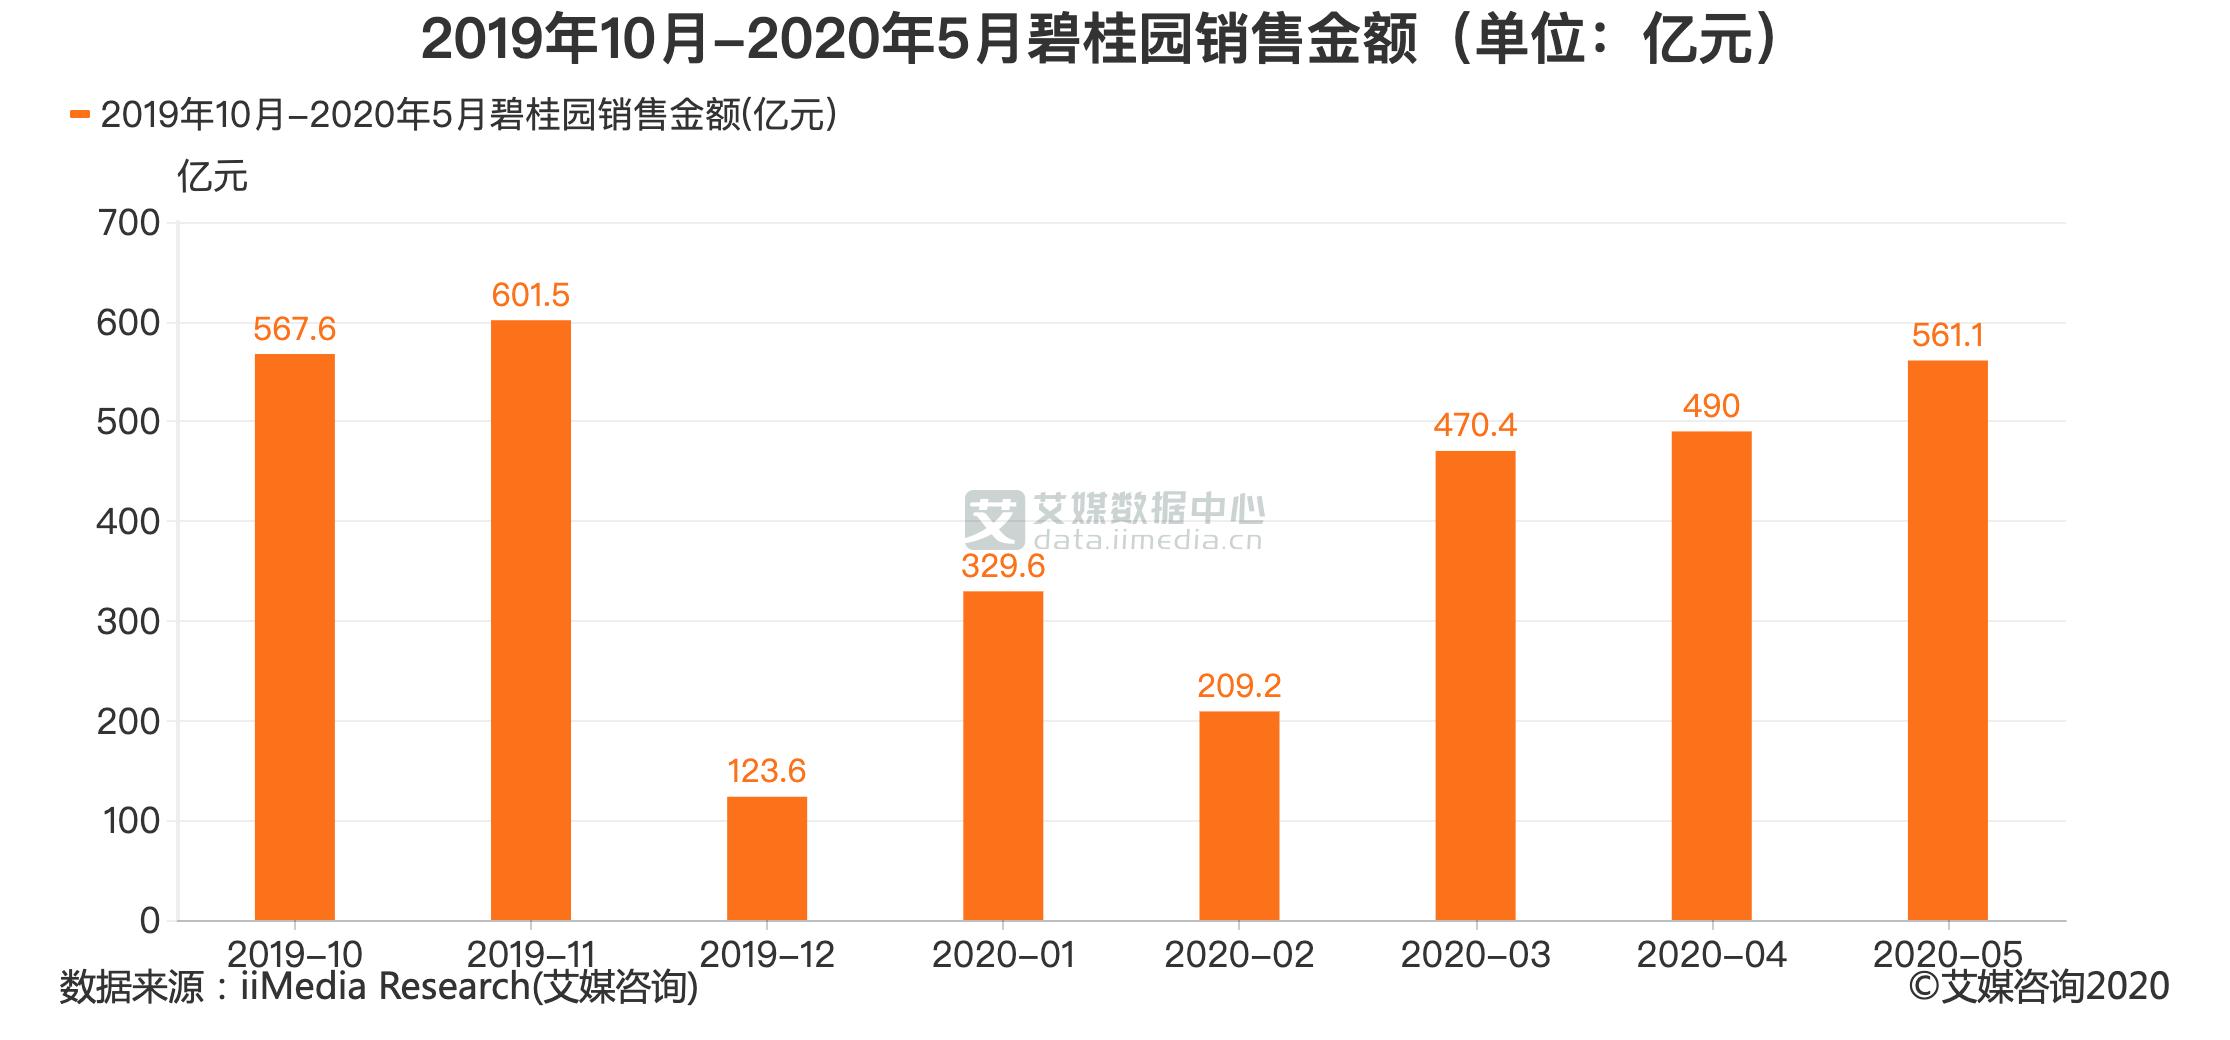 2019年10月-2020年5月碧桂园销售金额(单位:亿元)